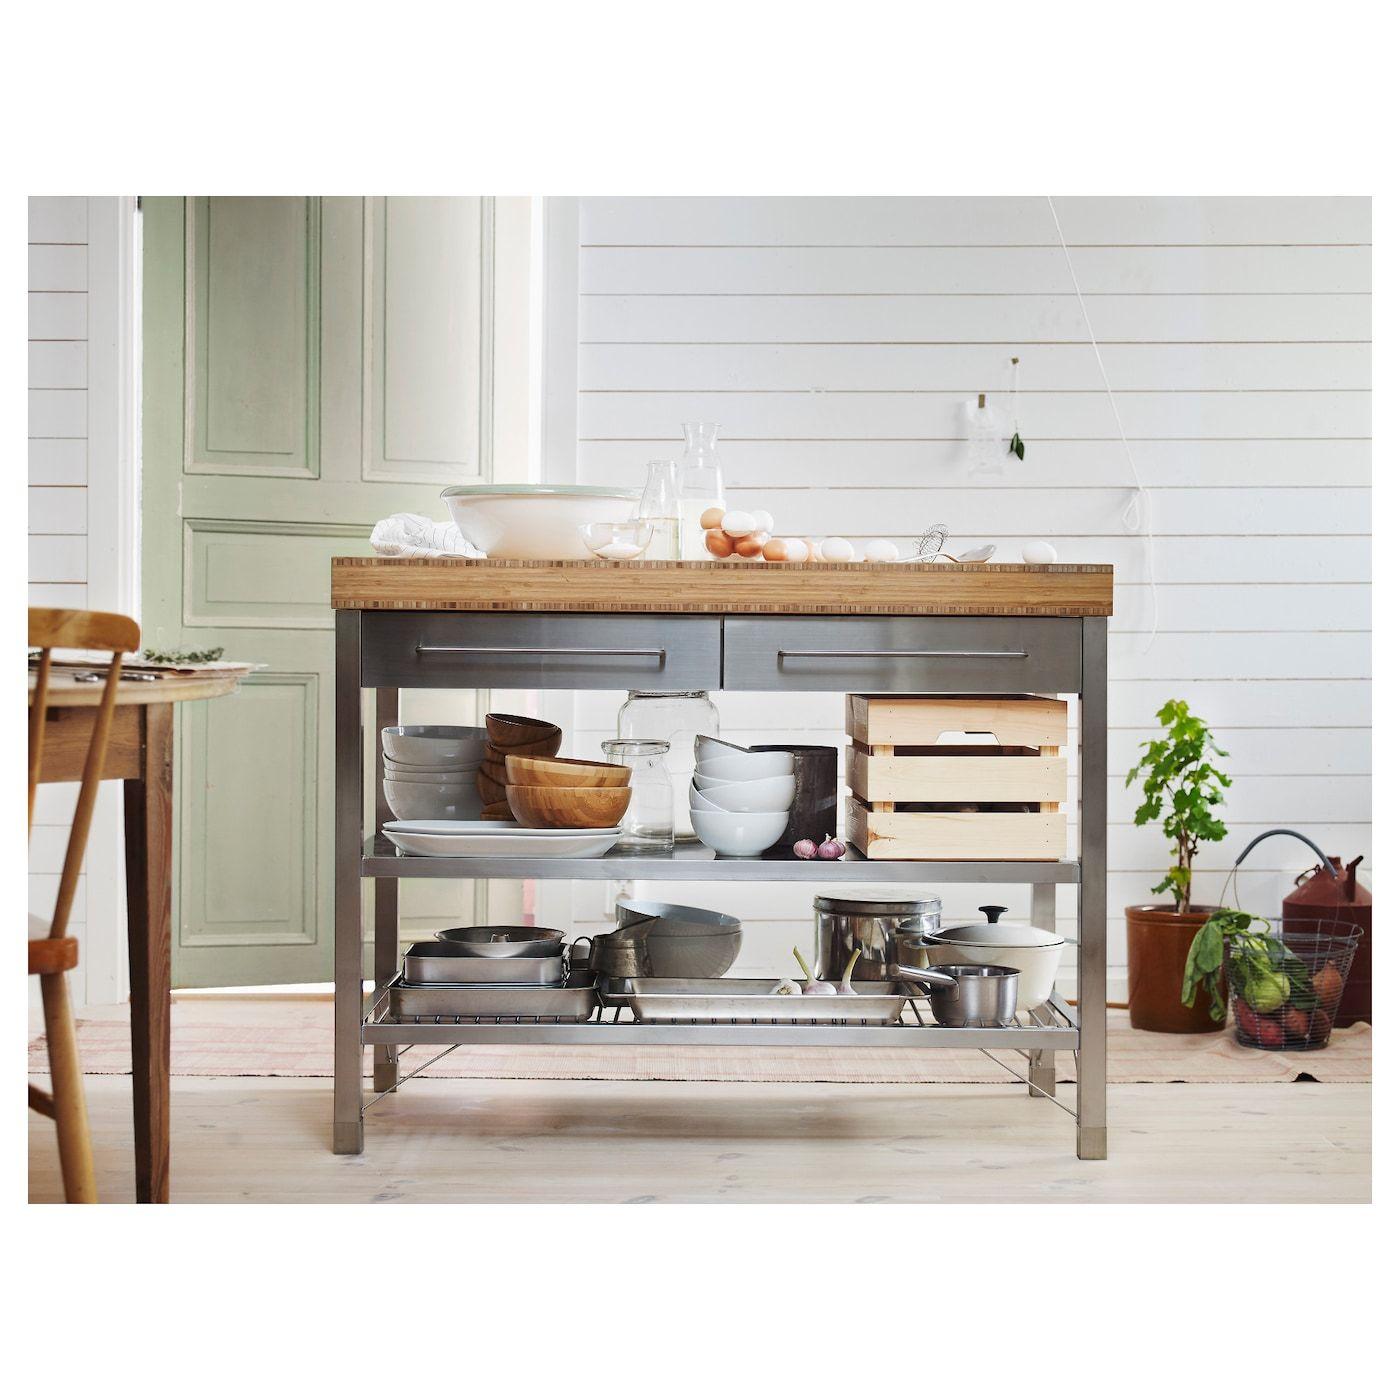 Den Keller Zu Einer Hobbywerkstatt Ausbauen Teil 2 Kuche Selber Bauen Kuchenelemente Werkstatt